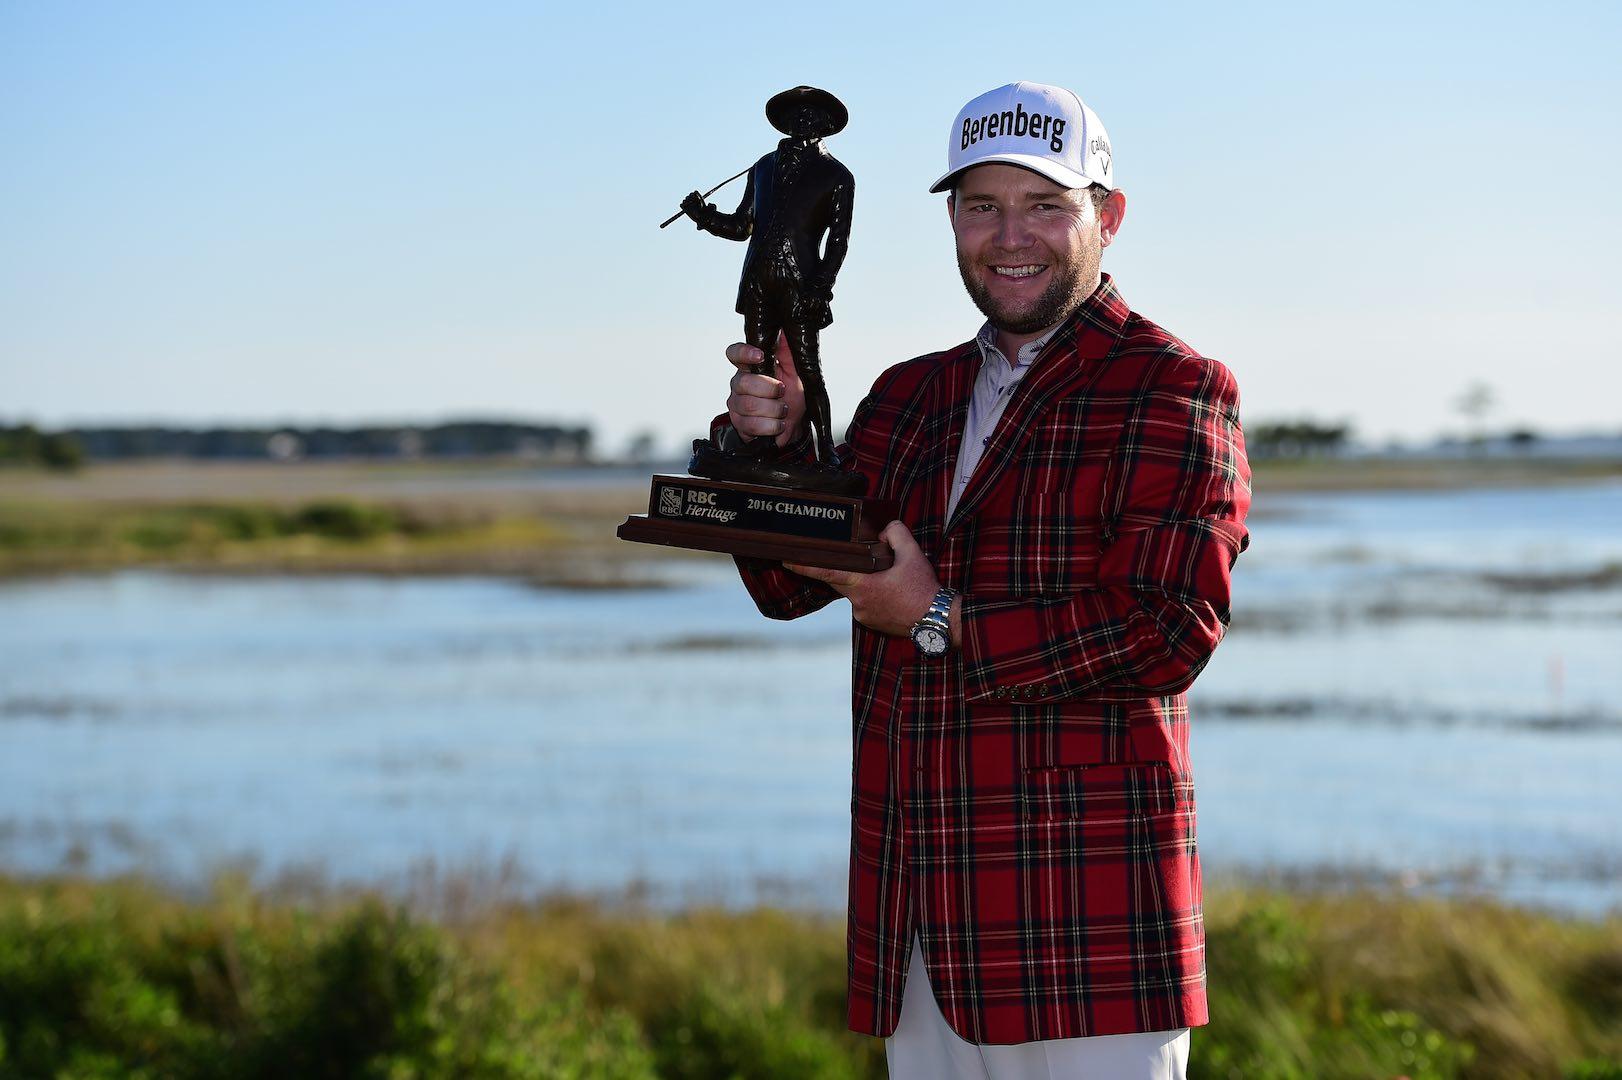 Grace Lands first PGA Tour Title